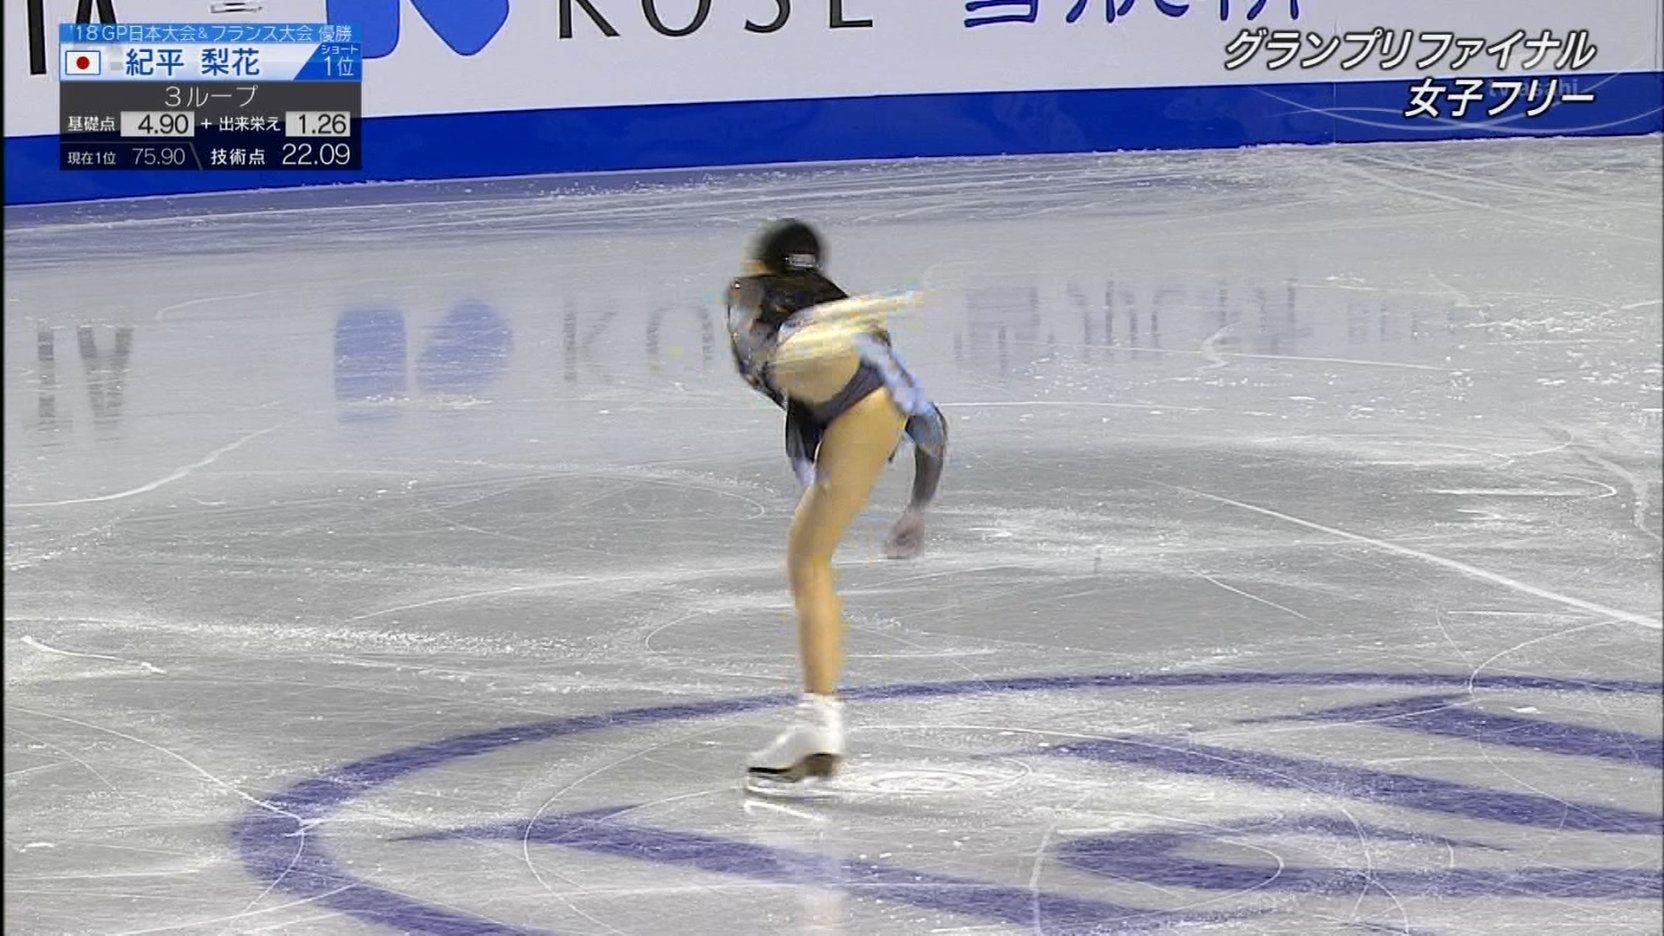 紀平りかアイコラ フィギュアスケート選手 紀平梨花(きひらりか) の過激なアイコラ ...